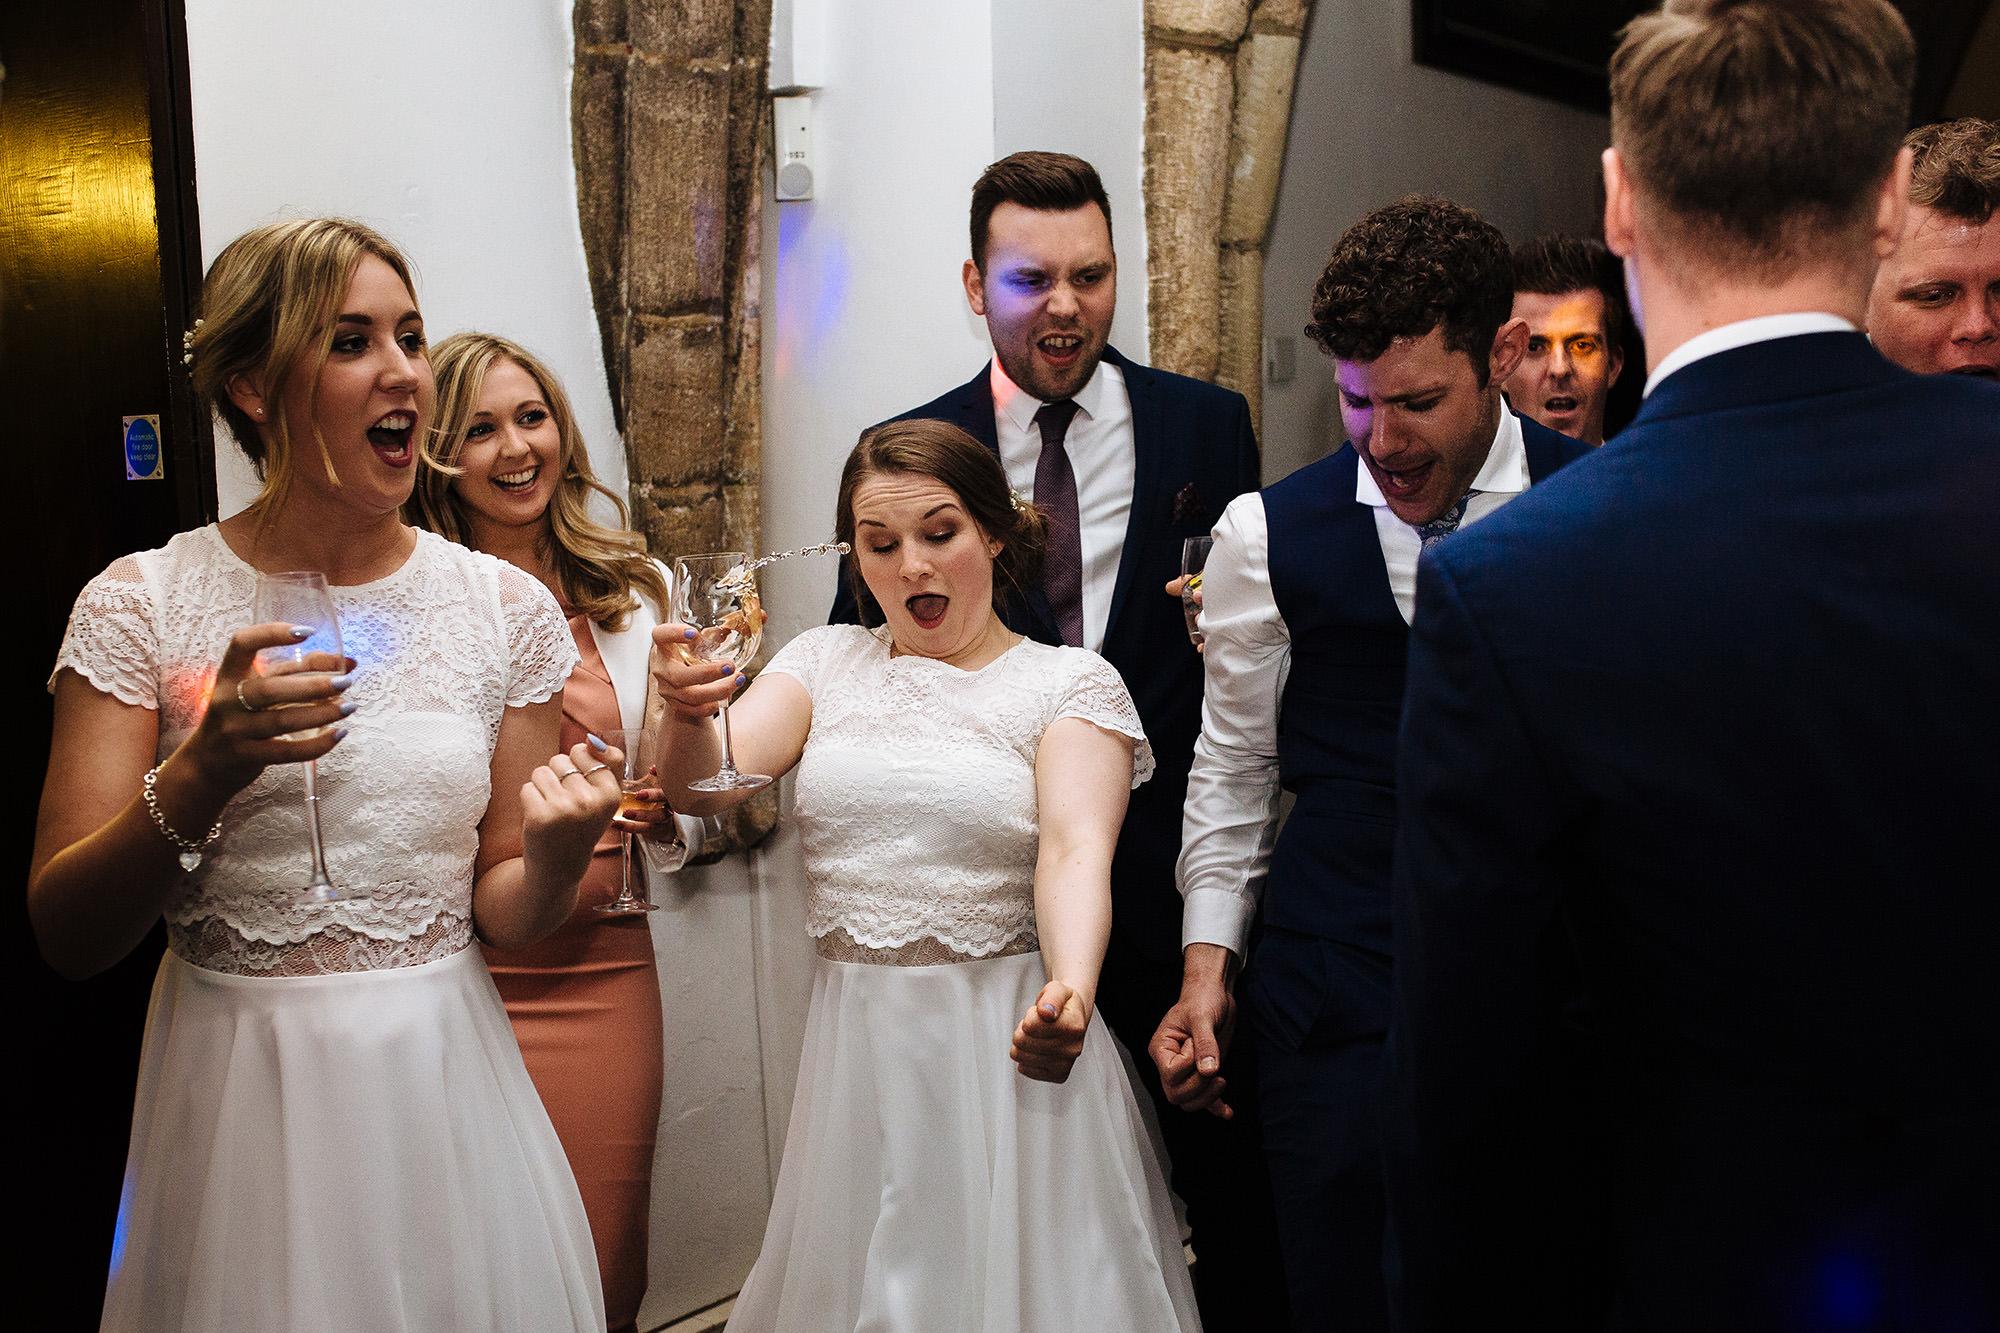 DRAG QUEEN GAY LEEDS WEDDING00009.jpg